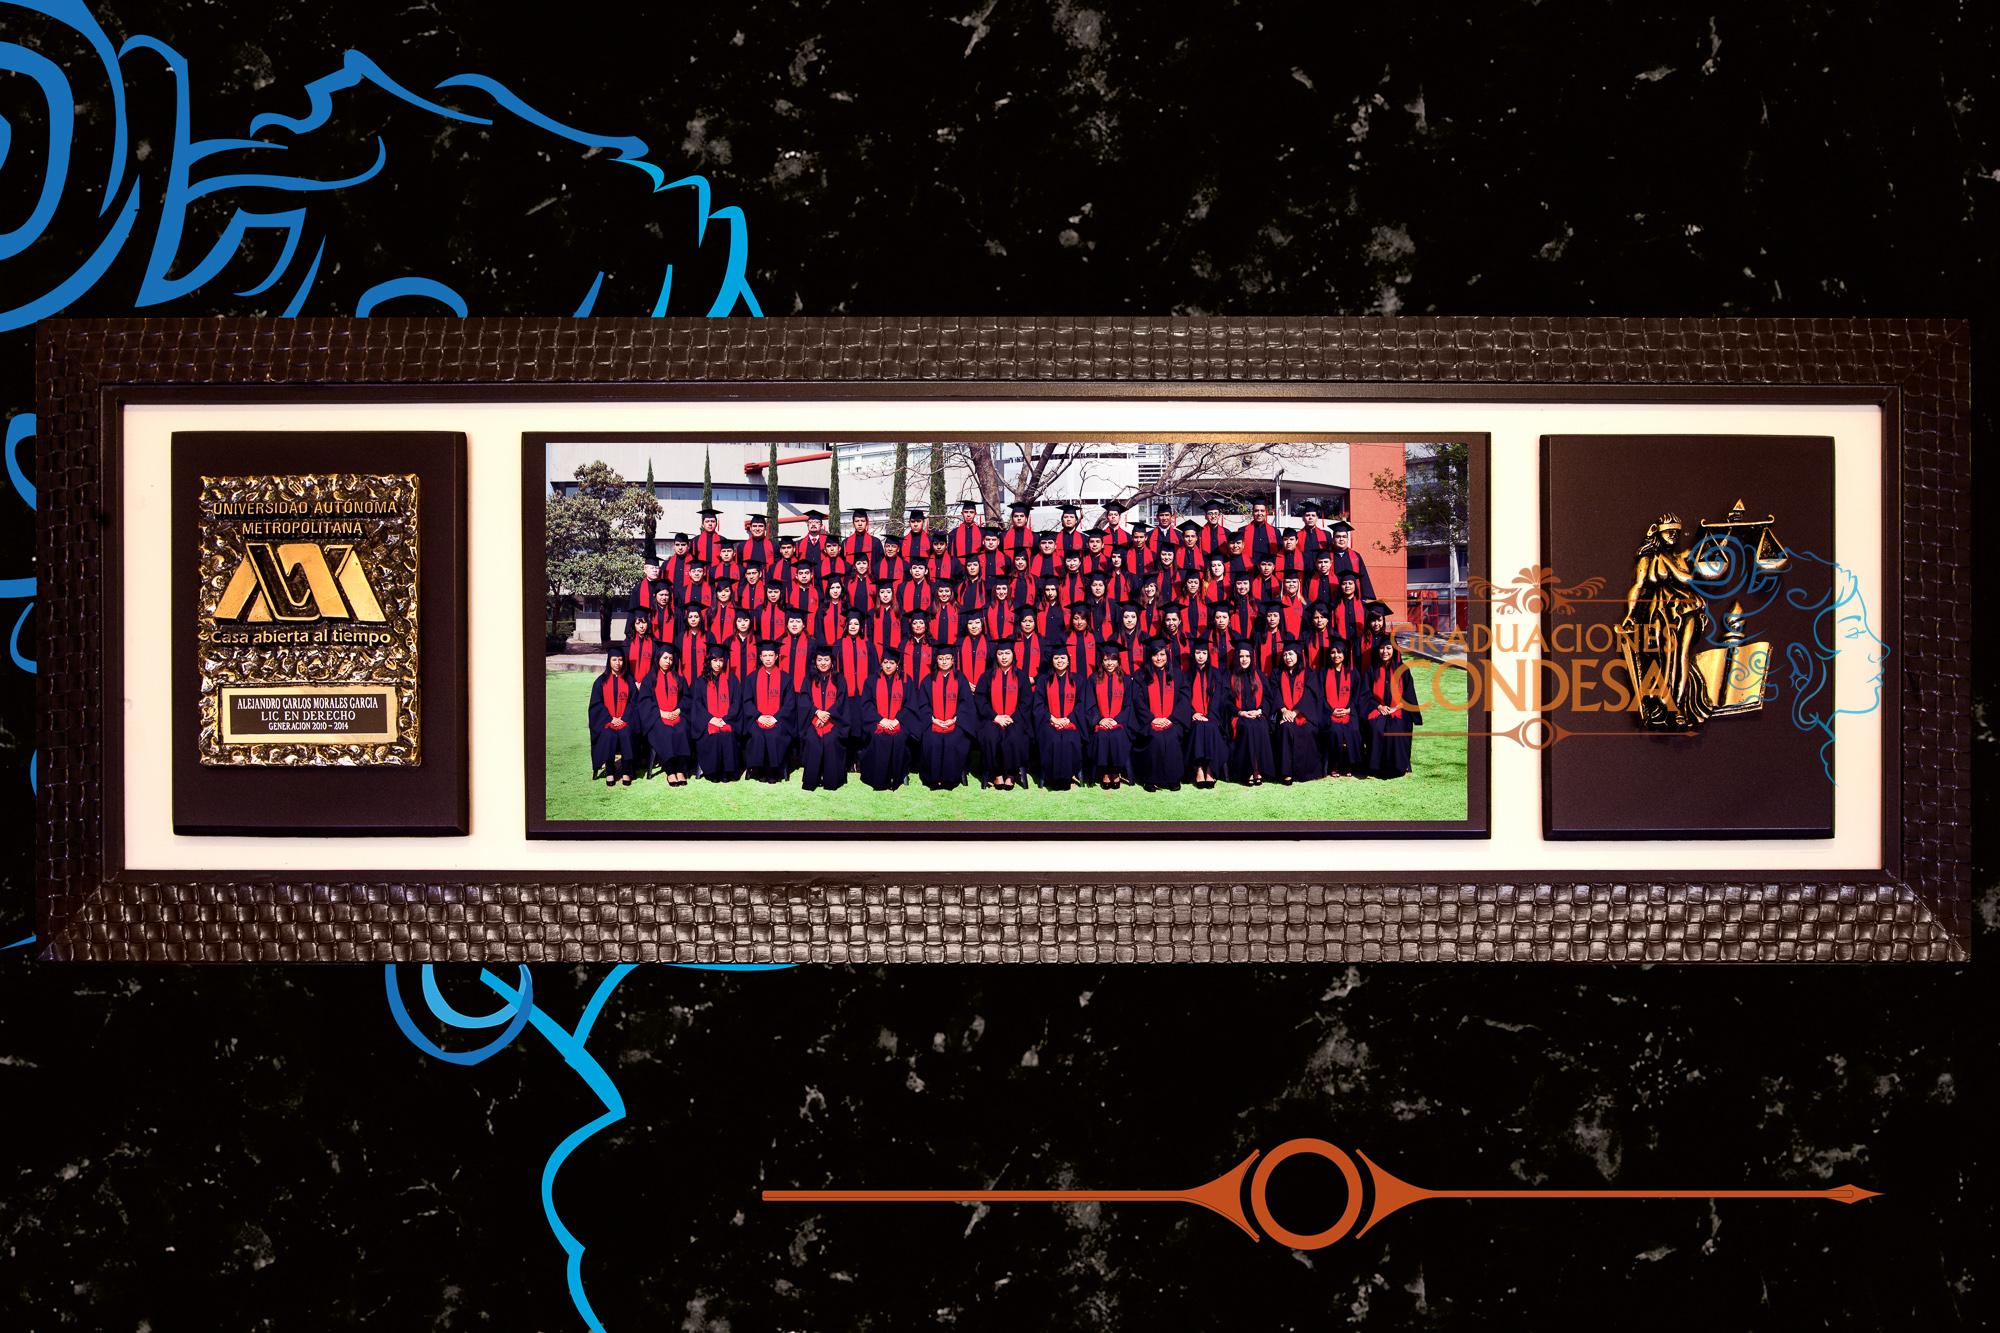 paquetes de graduaci u00f3n  u2013 graduaciones condesa m u00e9xico